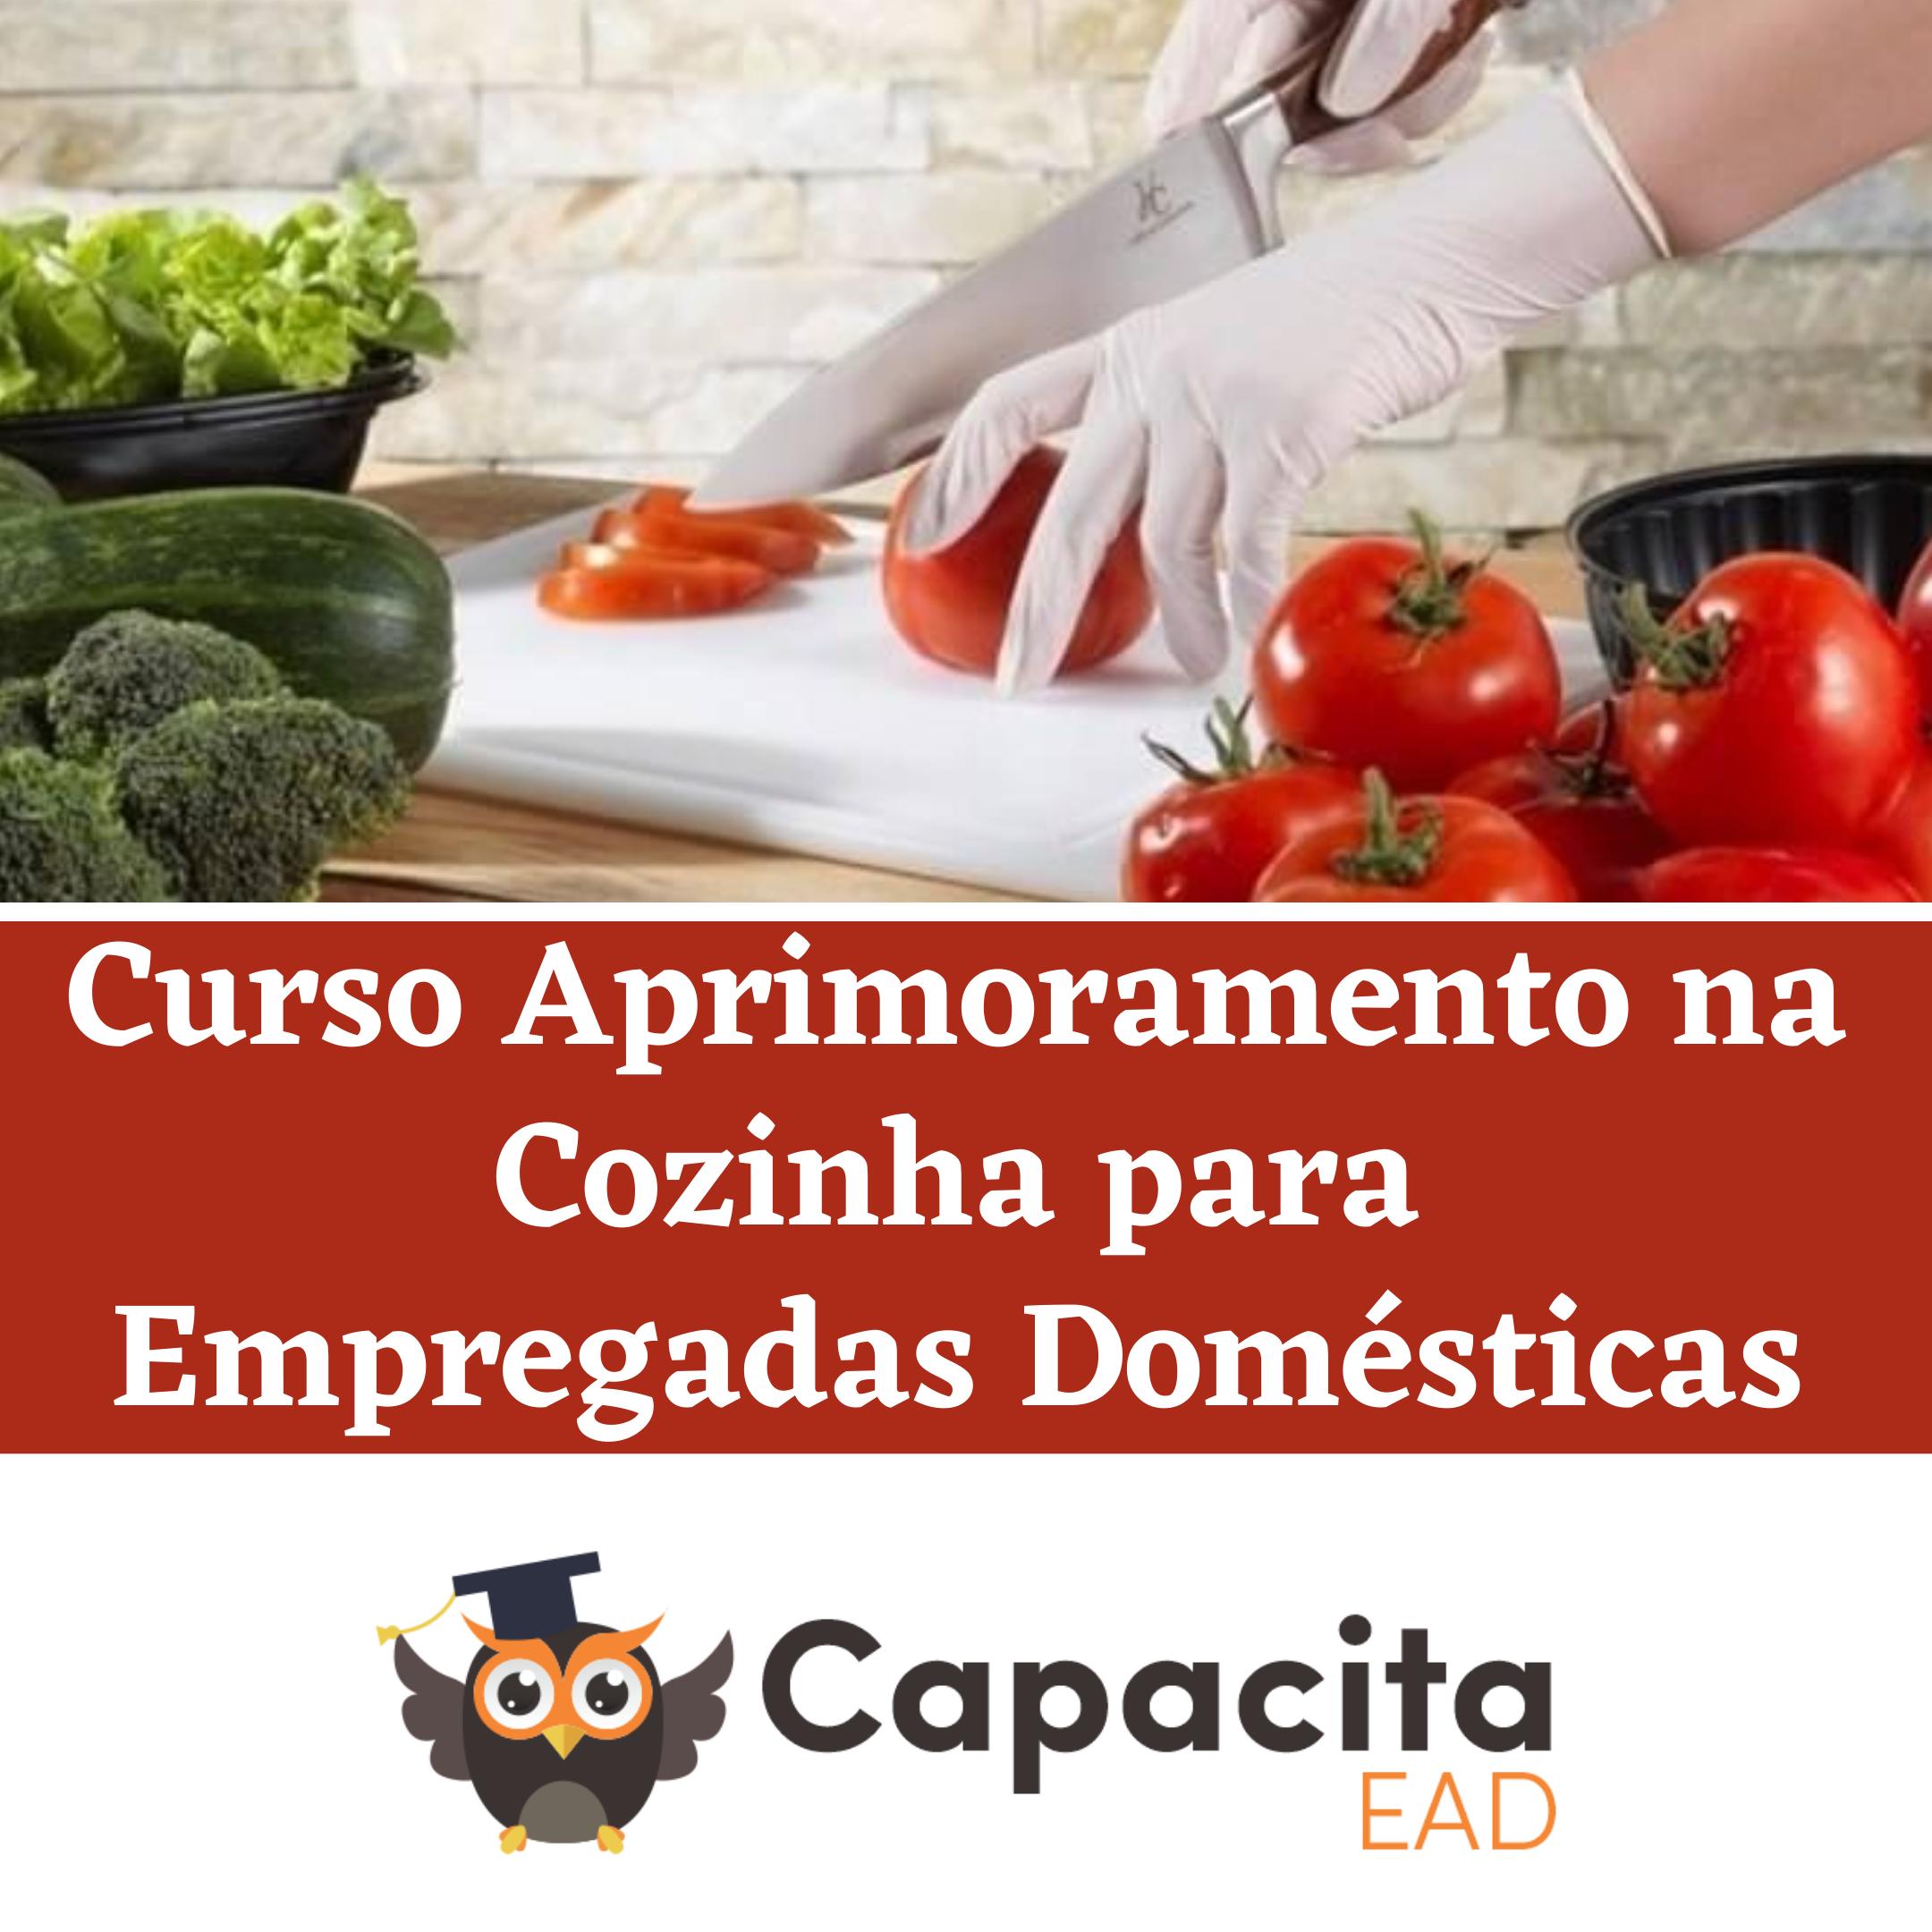 Curso Aprimoramento na Cozinha para Empregadas Domésticas